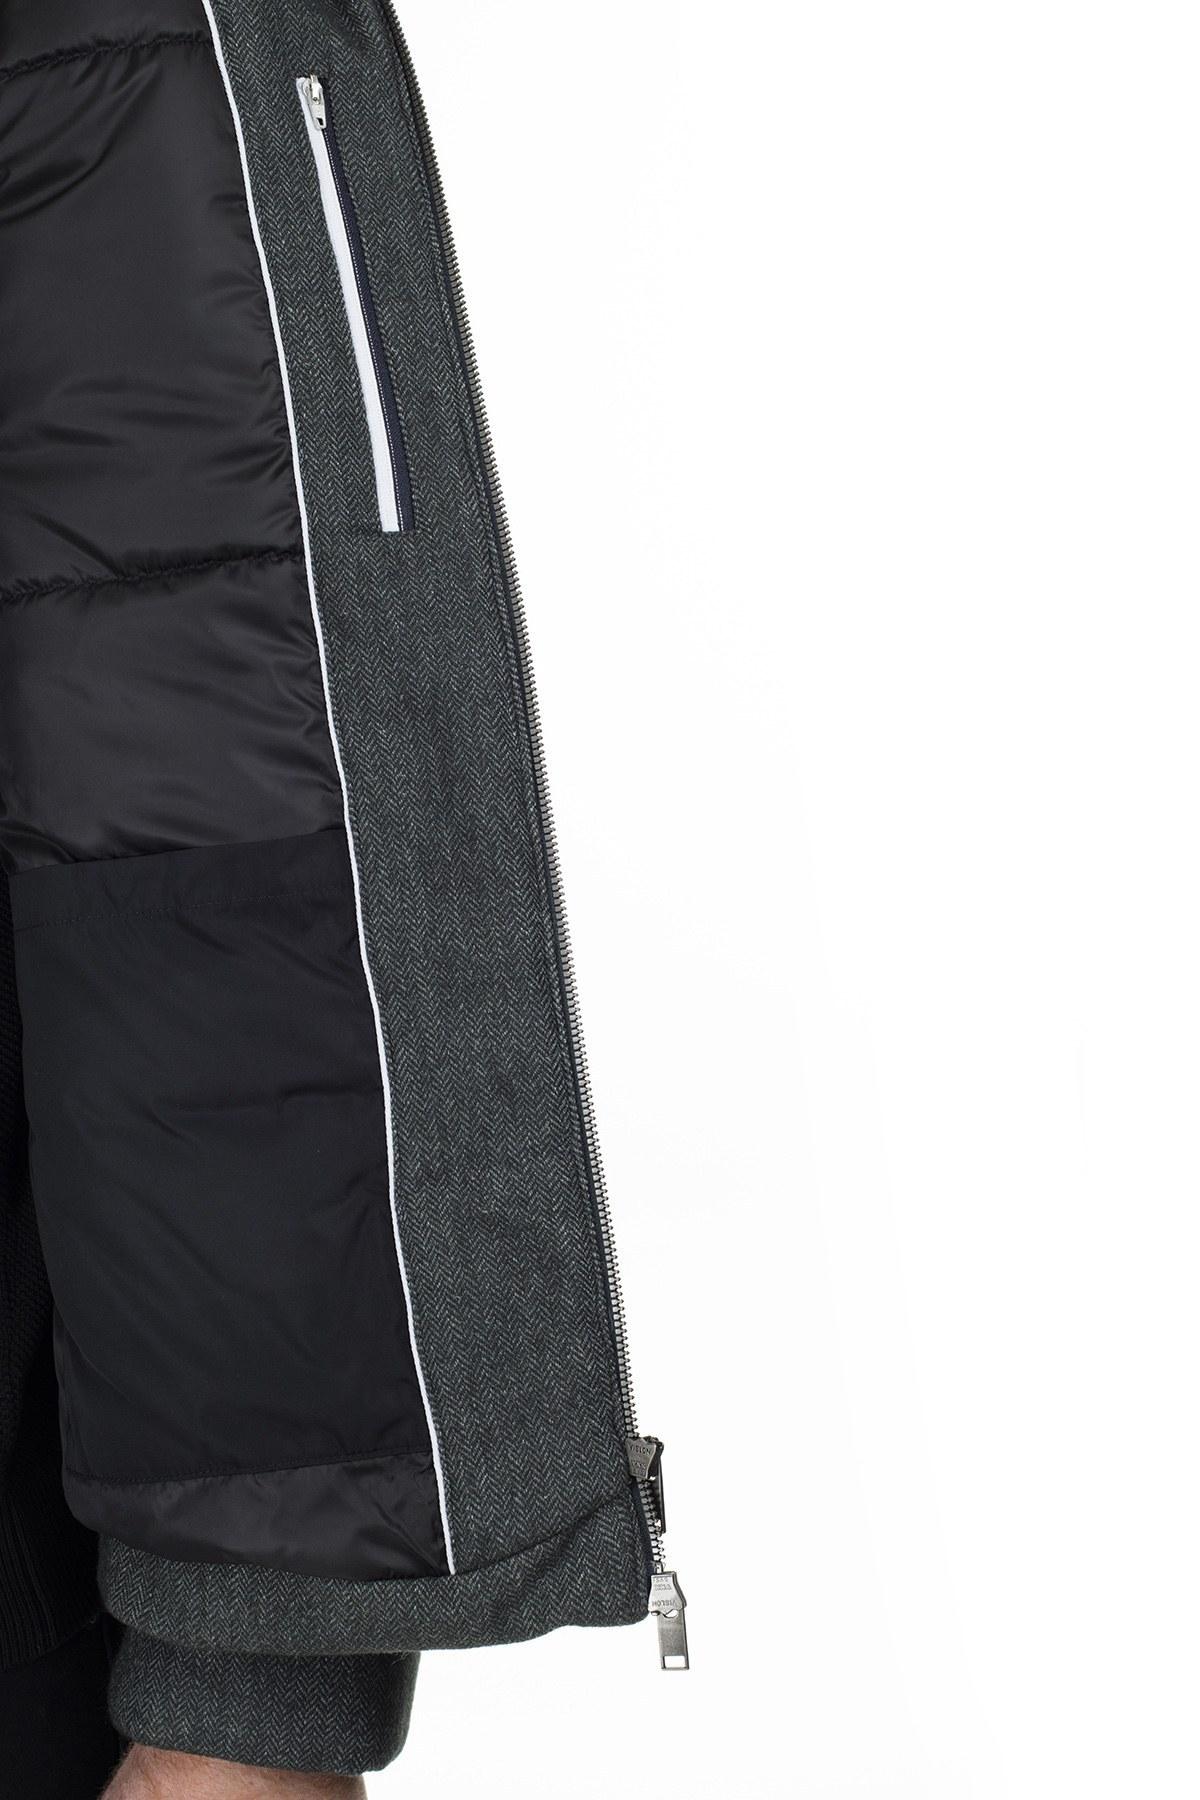 Lacoste Erkek Mont S BH1803 03G GRİ